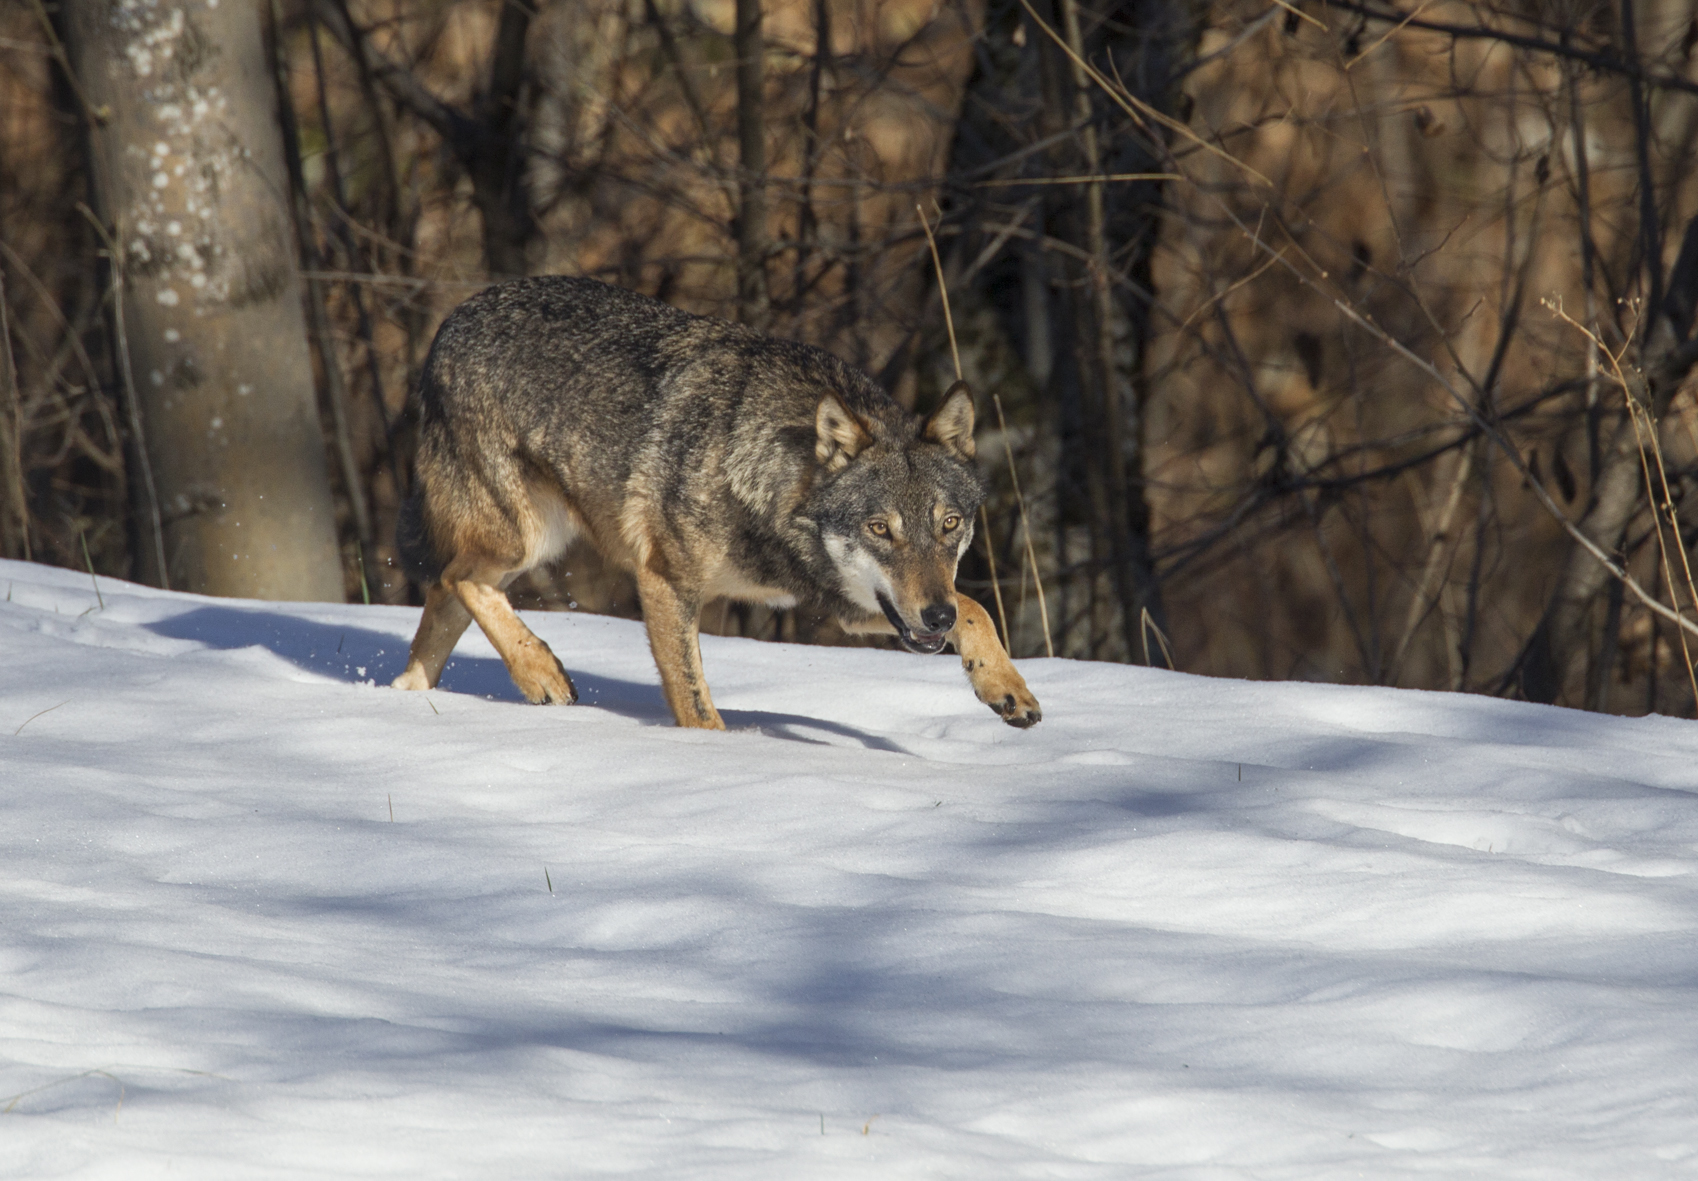 La Guida - Il lupo, ci si dimentica di chi ci convive